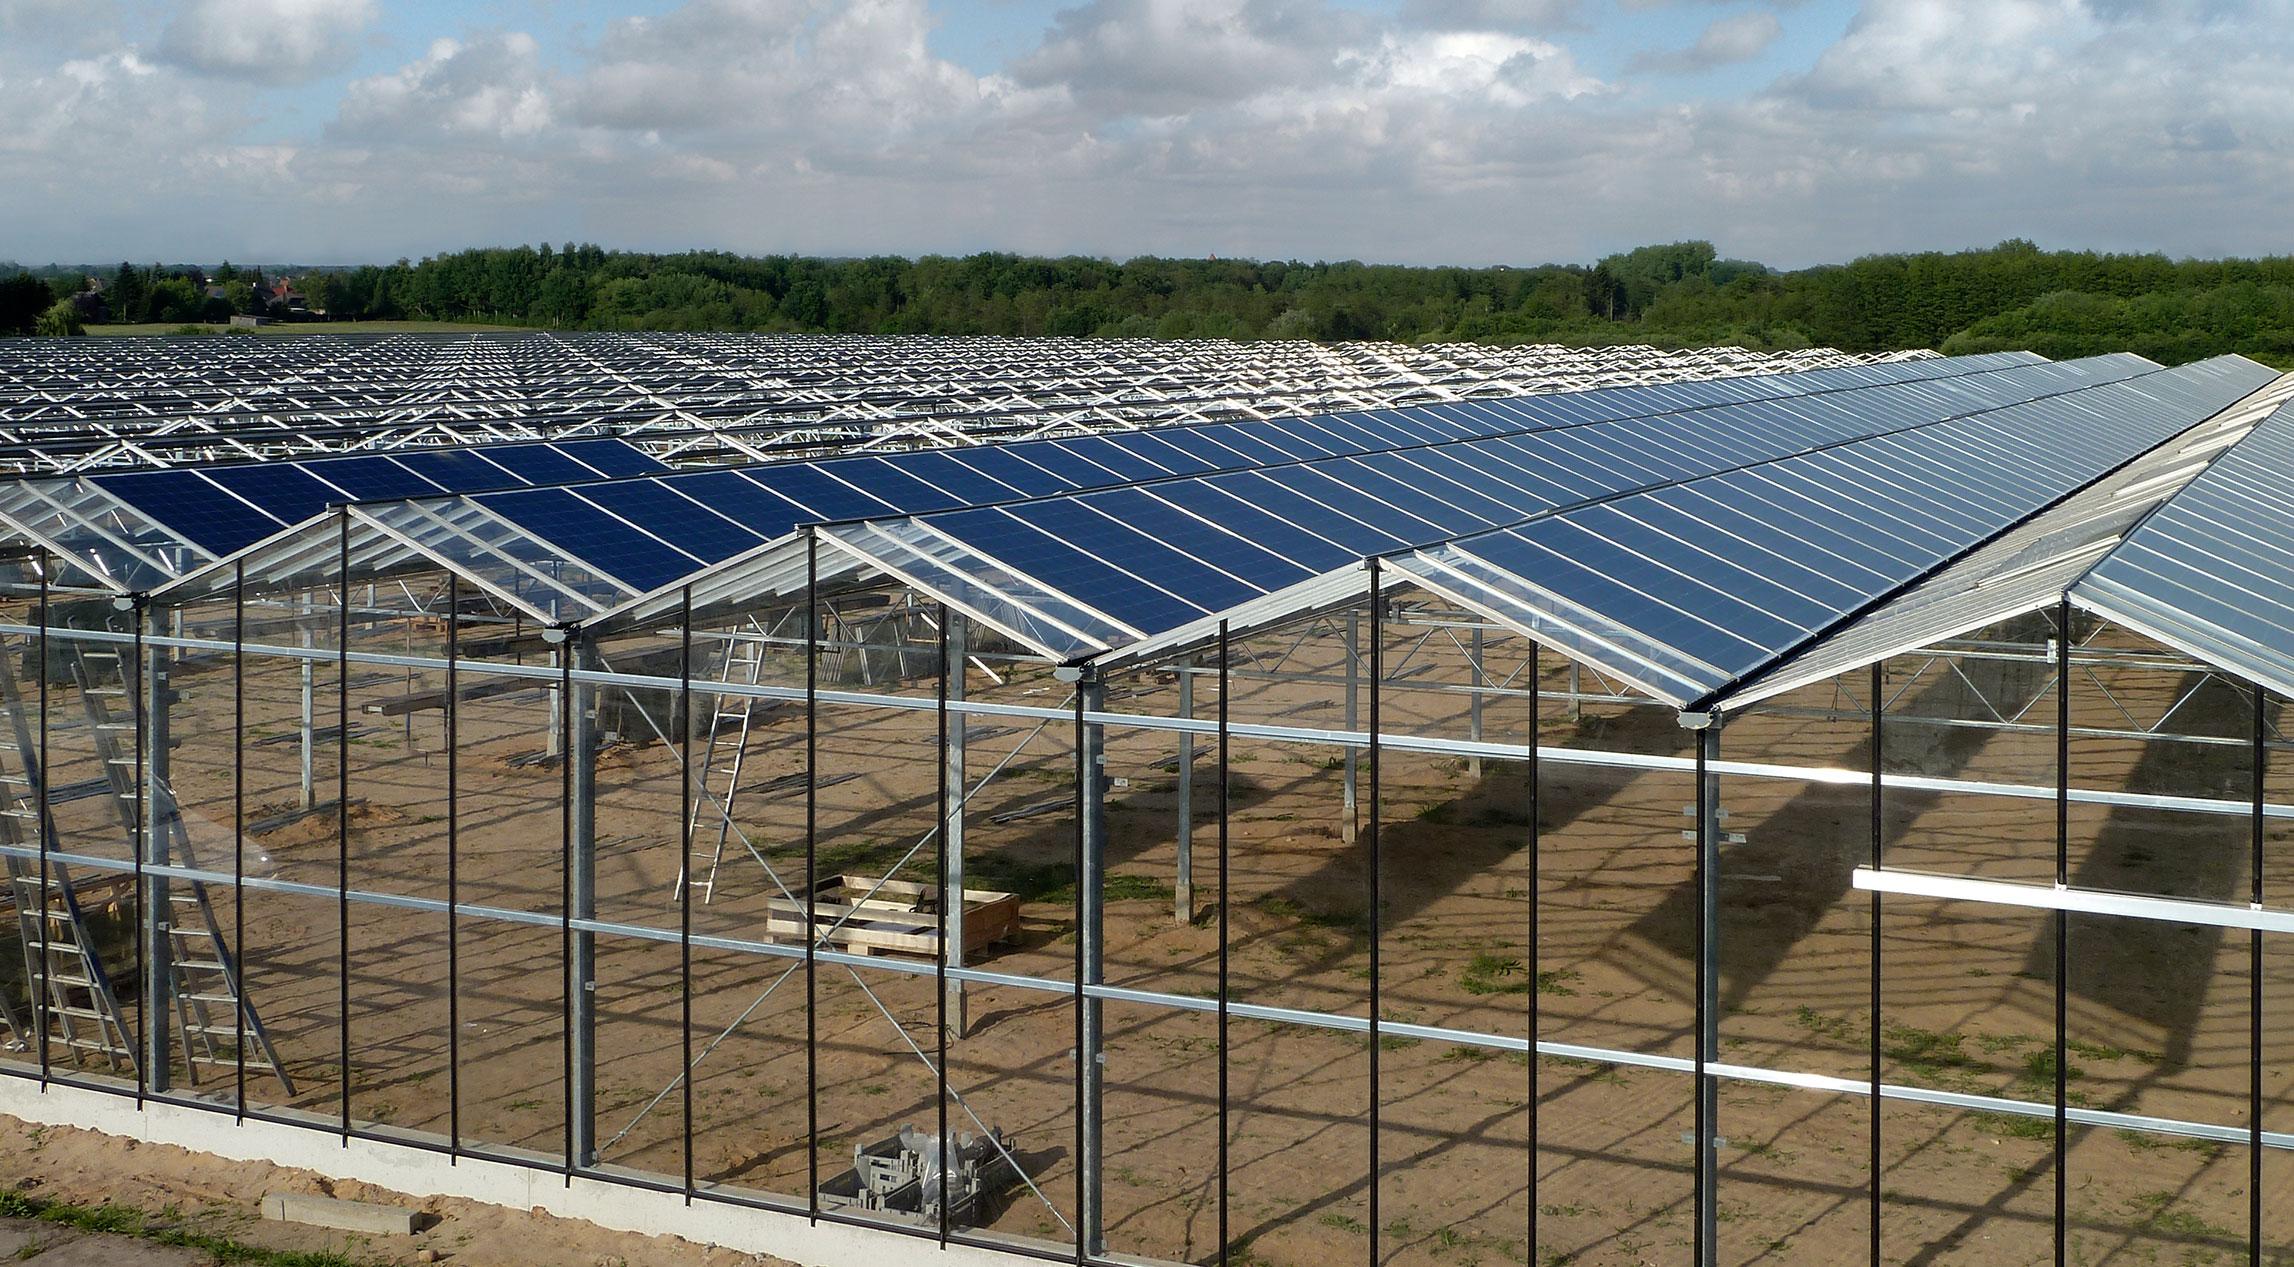 Gewächshäuser mit Solarpanel-Dächern